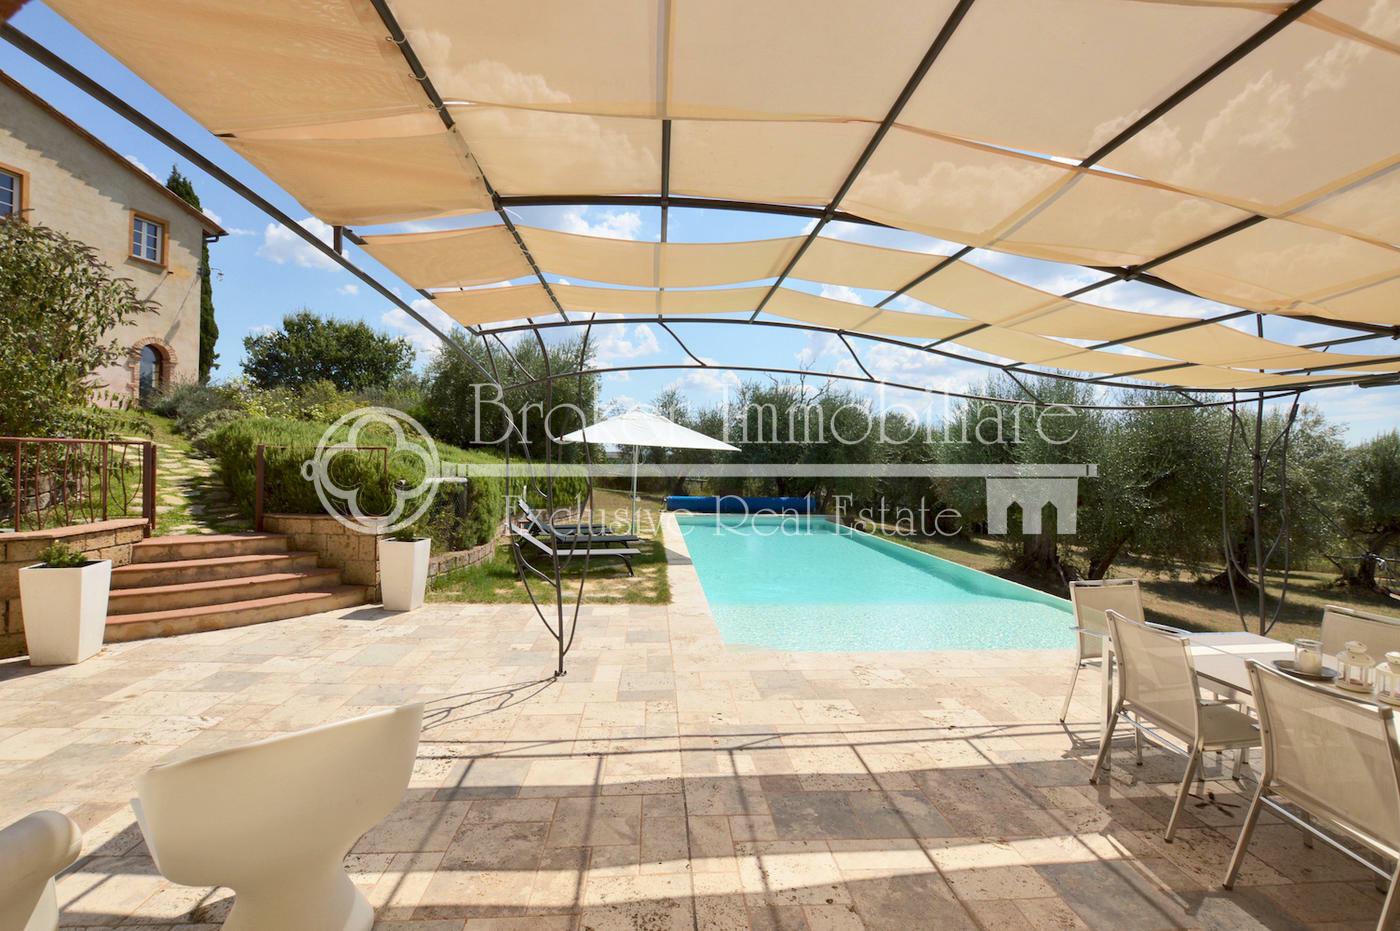 Esclusivo casale in vendita sulle colline pisane con piscina e guest house